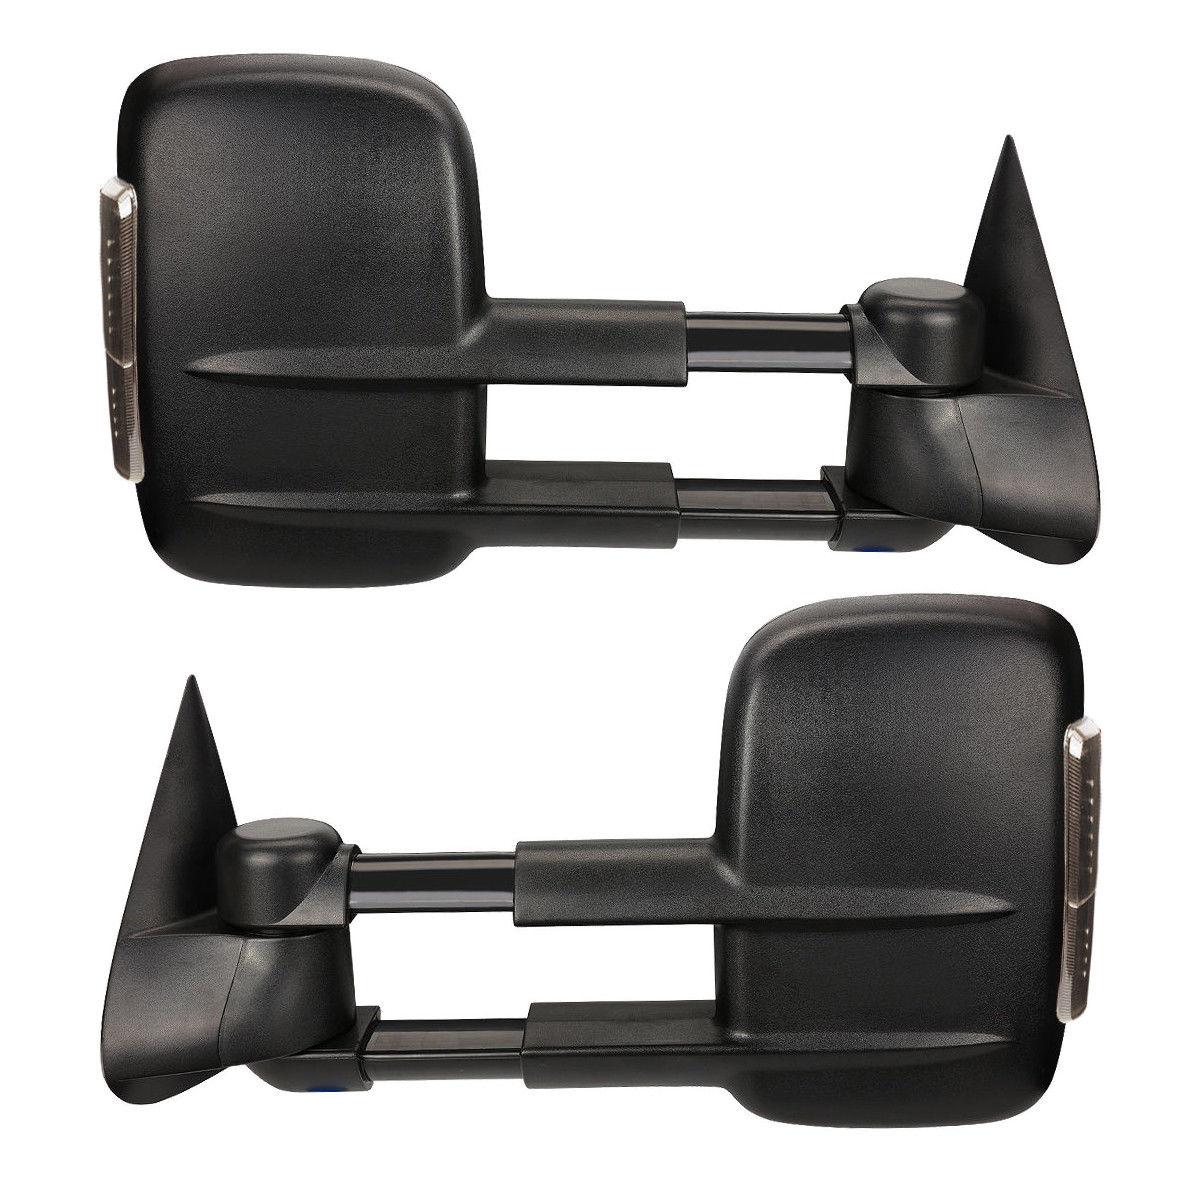 ミラー New Set of 2 Power Heated Smoke LED Towing Mirrors for Chevy/GMC 2007-2013 Pair Chevy / GMC 2007-2013ペアの2つのパワー加熱煙LED牽引ミラーの新しいセット